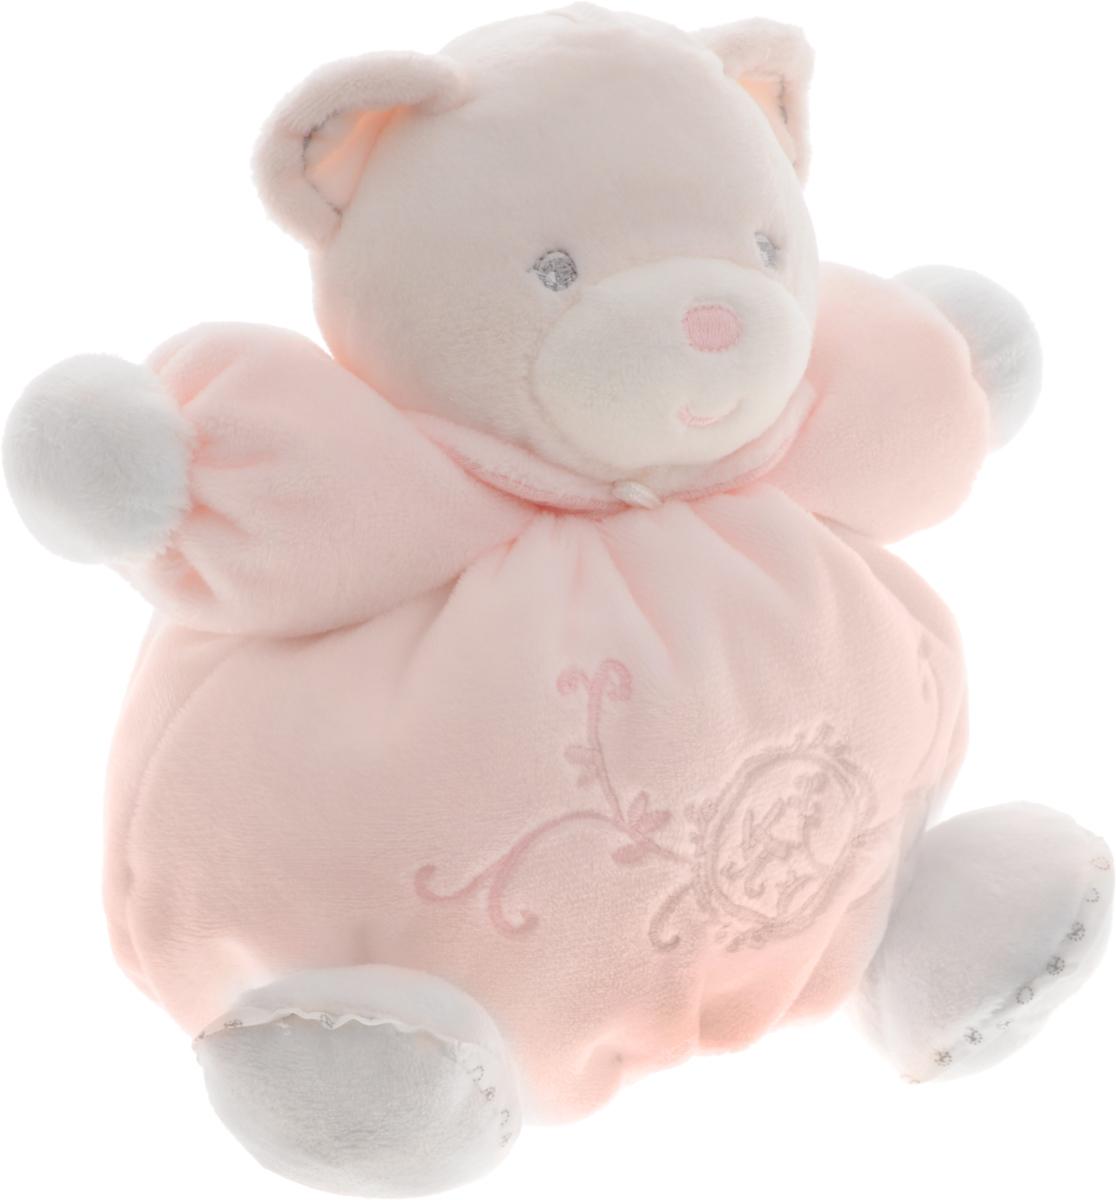 Купить Kaloo Мягкая игрушка Мишка 17 см